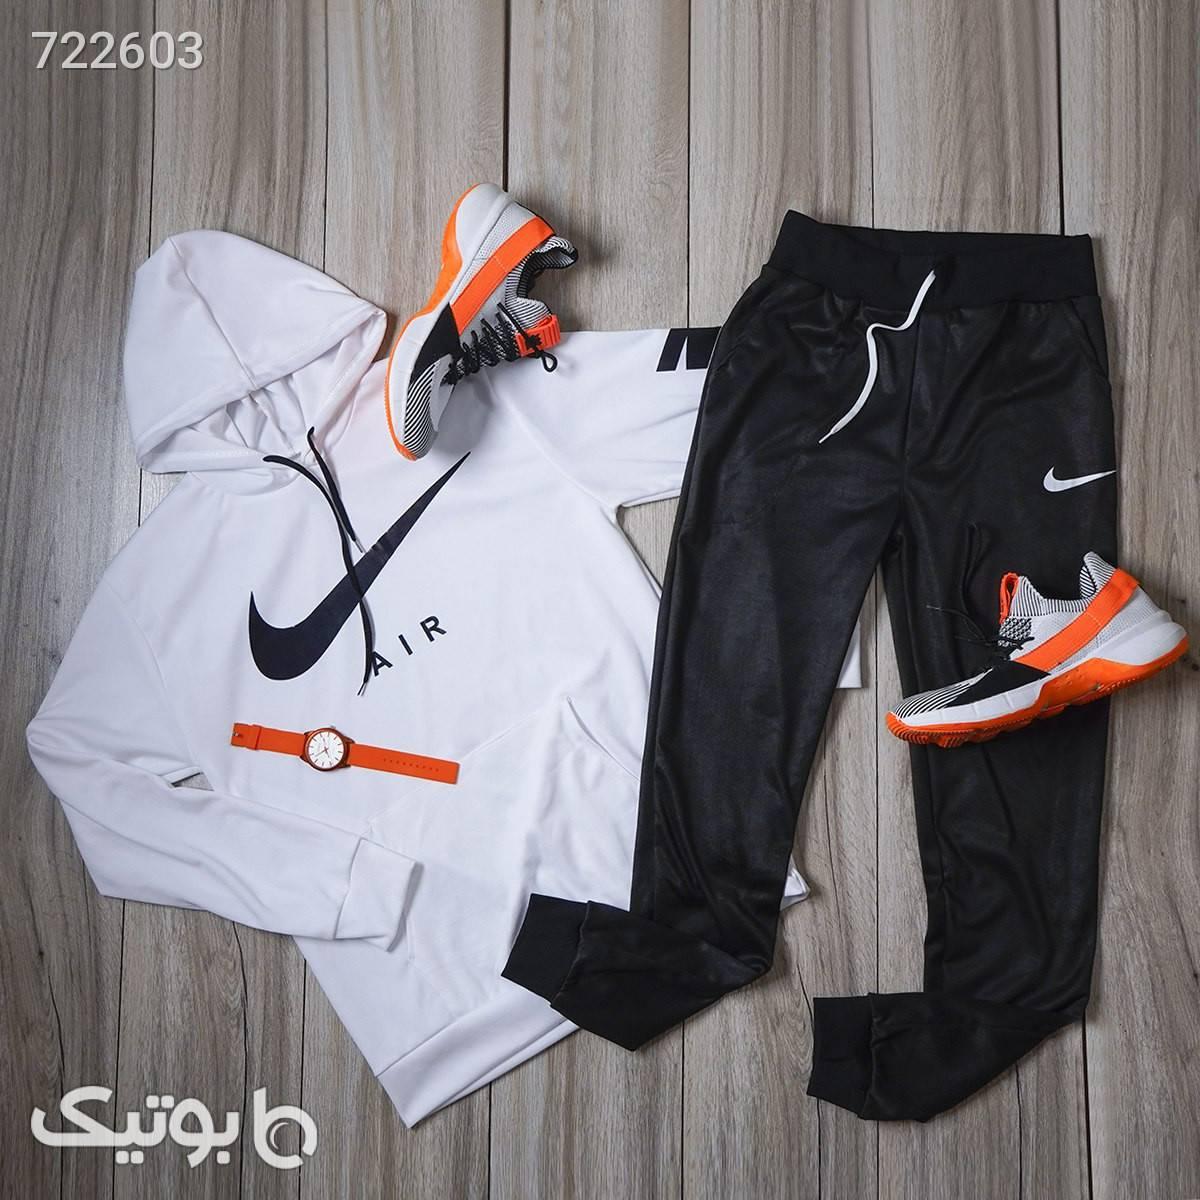 ست سوئيشرت شلوار Nike مردانه مدل Wilson مشکی سوئیشرت و هودی مردانه